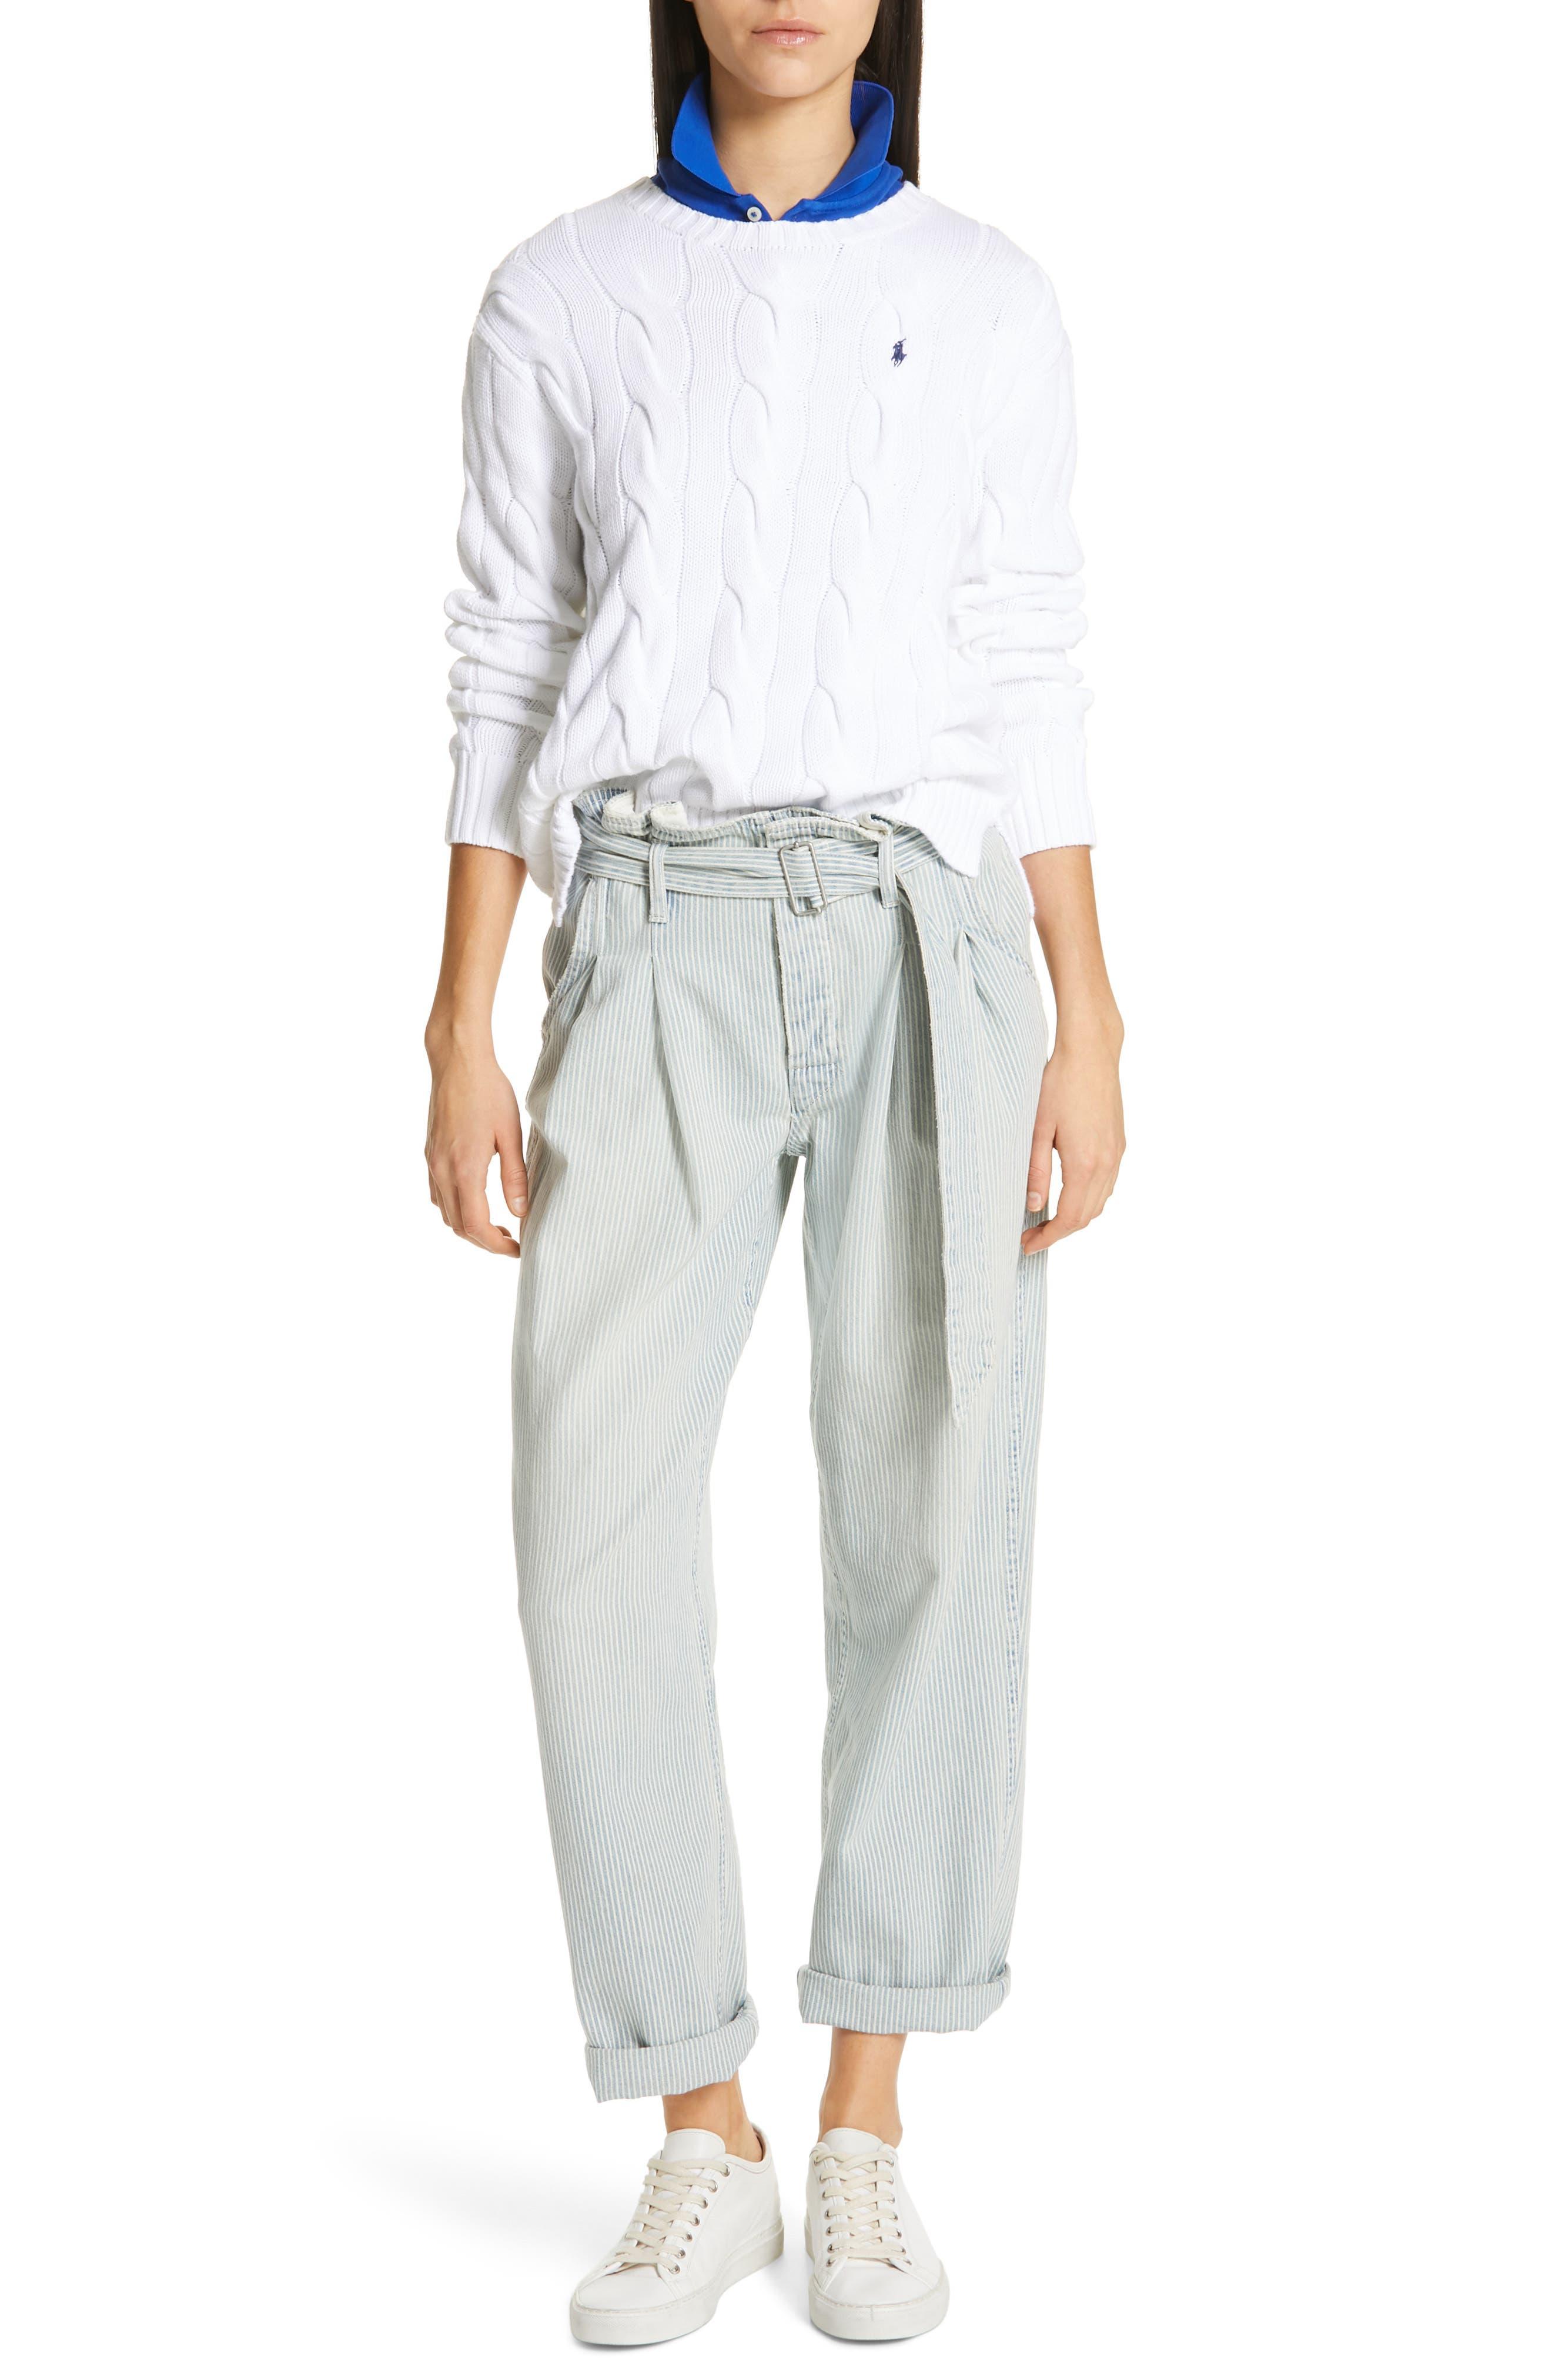 POLO RALPH LAUREN, Paperbag Waist Jeans, Alternate thumbnail 8, color, RAILROAD STRIPE